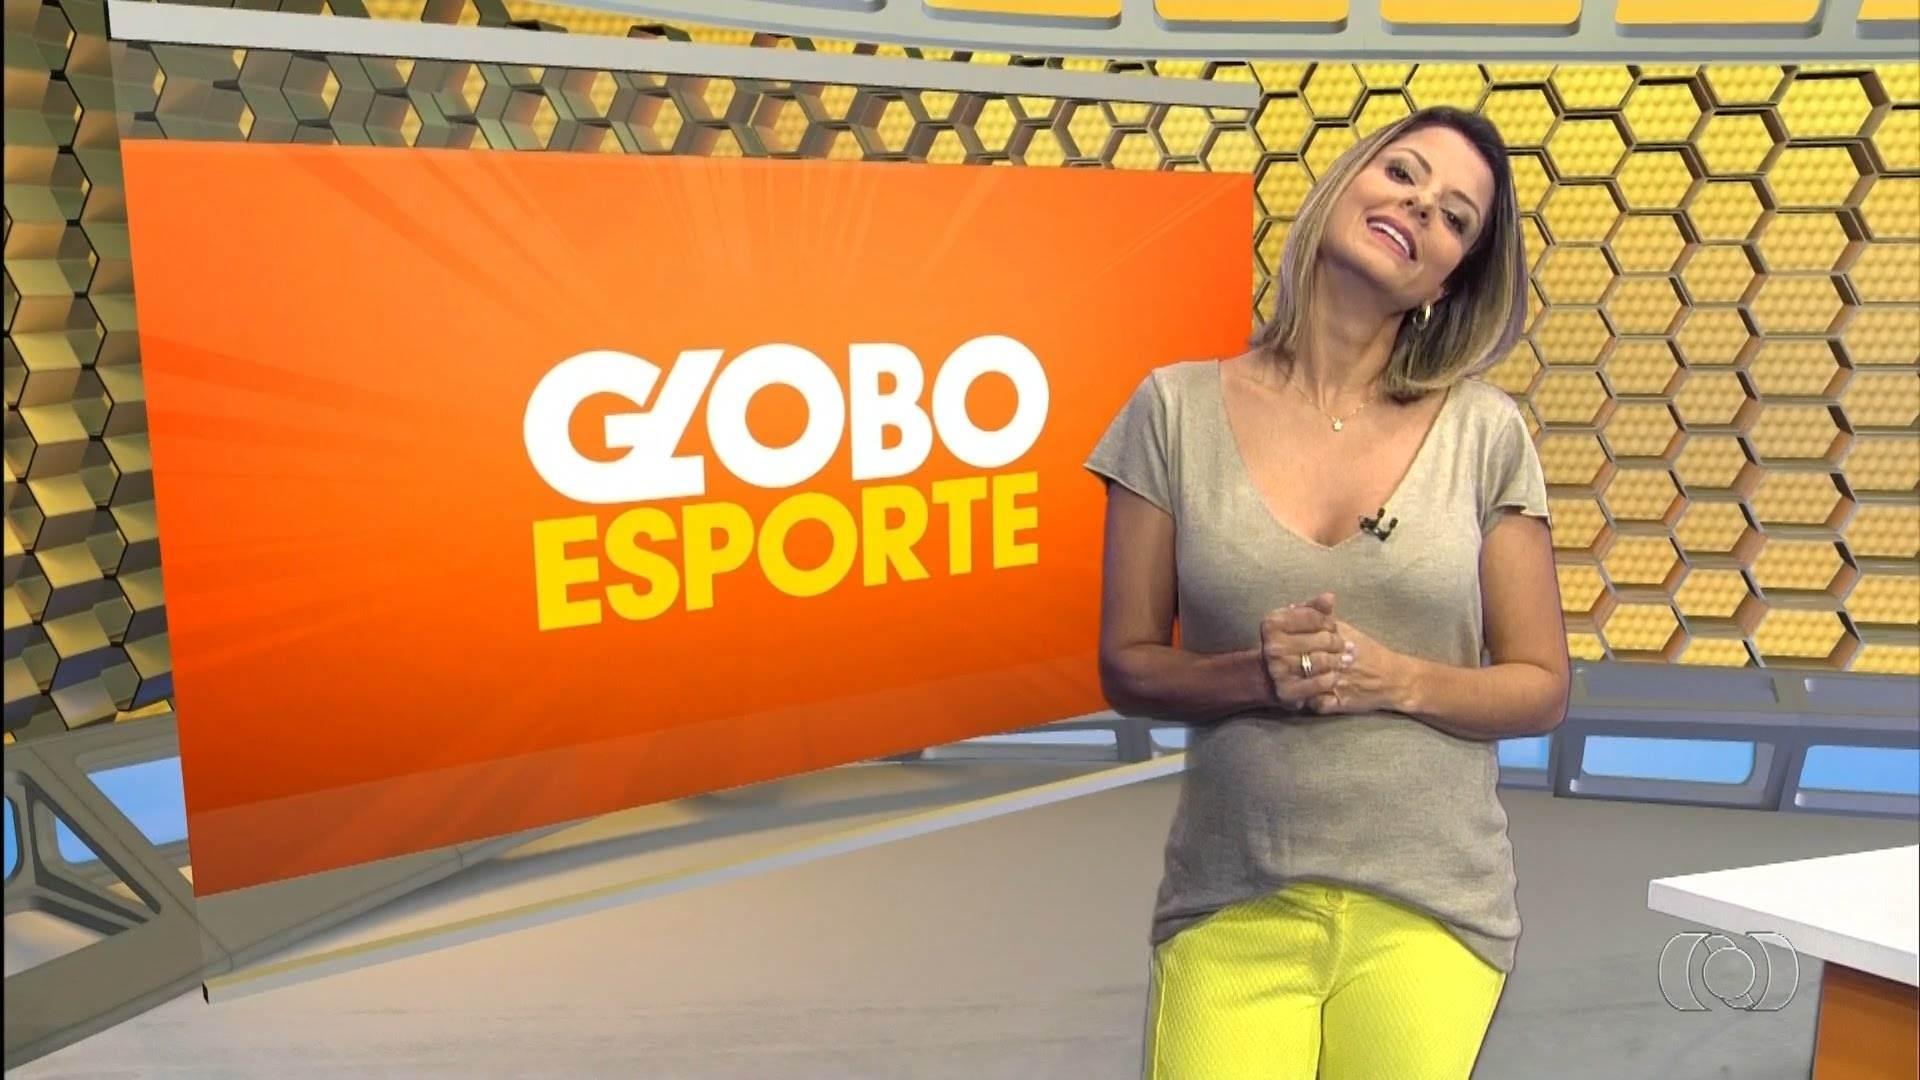 Contratada pelo Goiás, Thaís Freitas está de saída da TV Anhanguera | Foto: Reprodução/ TV Anhanguera